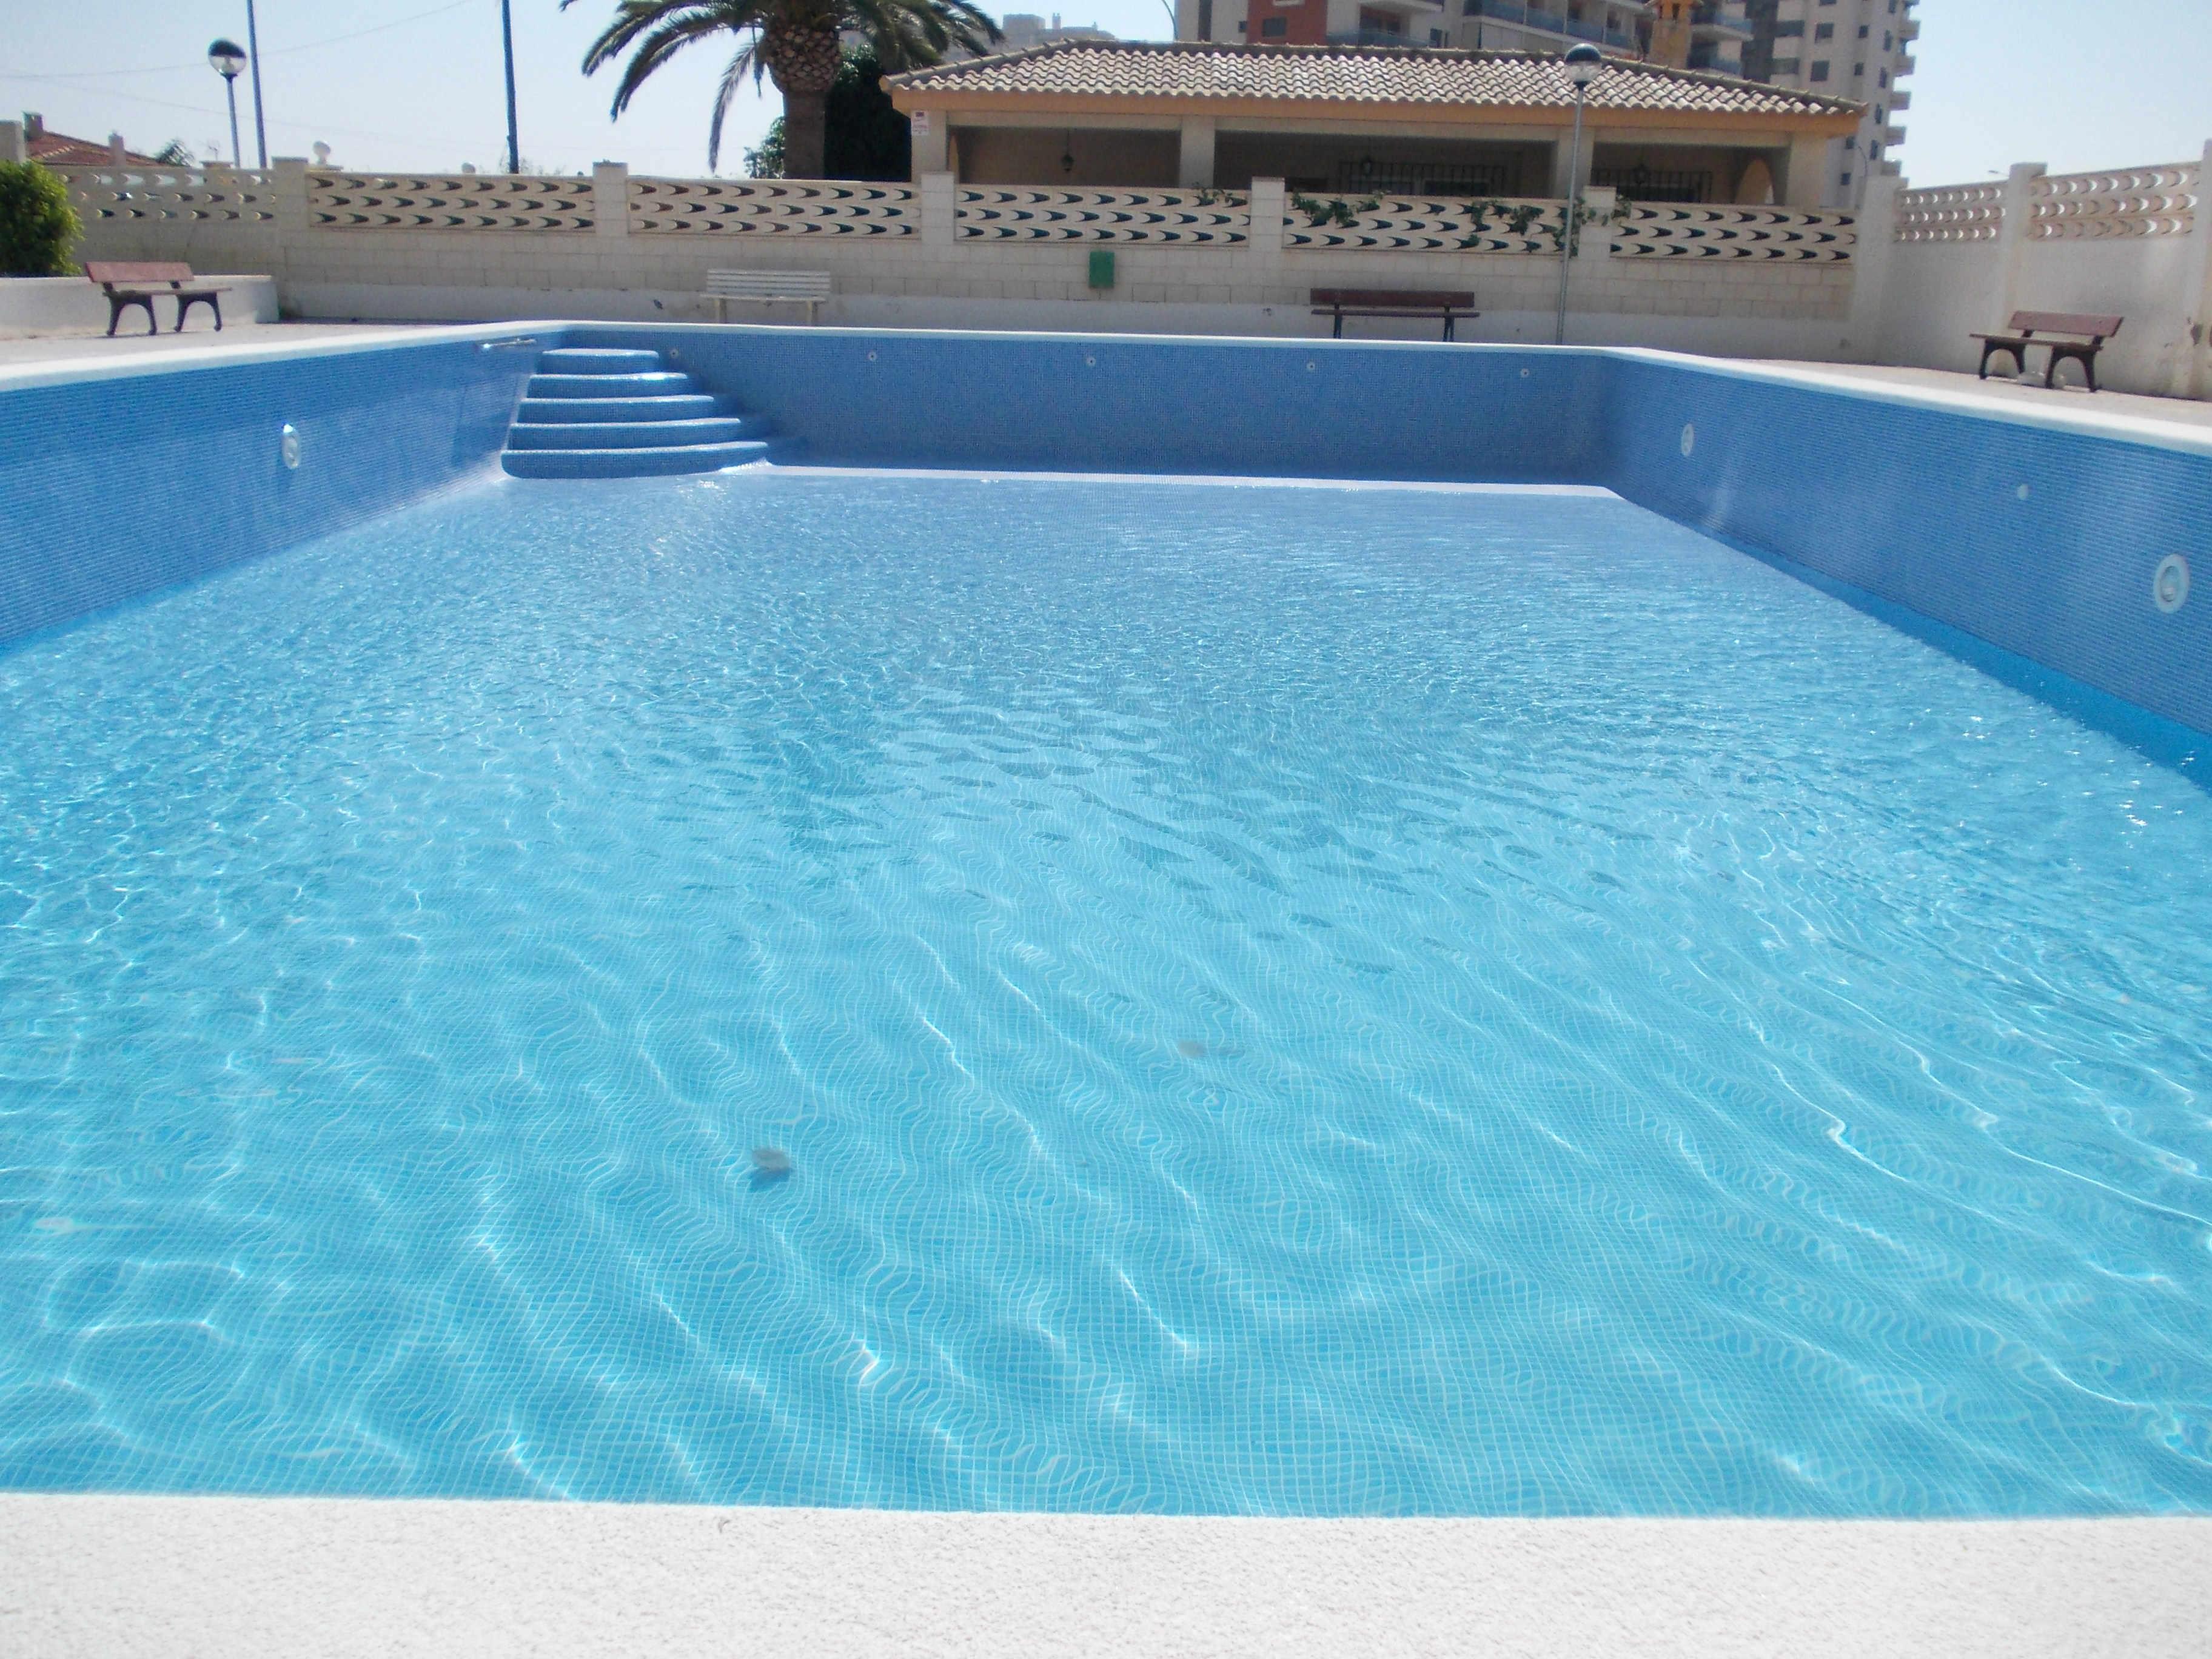 Preparar y conservar la piscina en invierno grupo bdi for Como hacer piscinas para tilapias